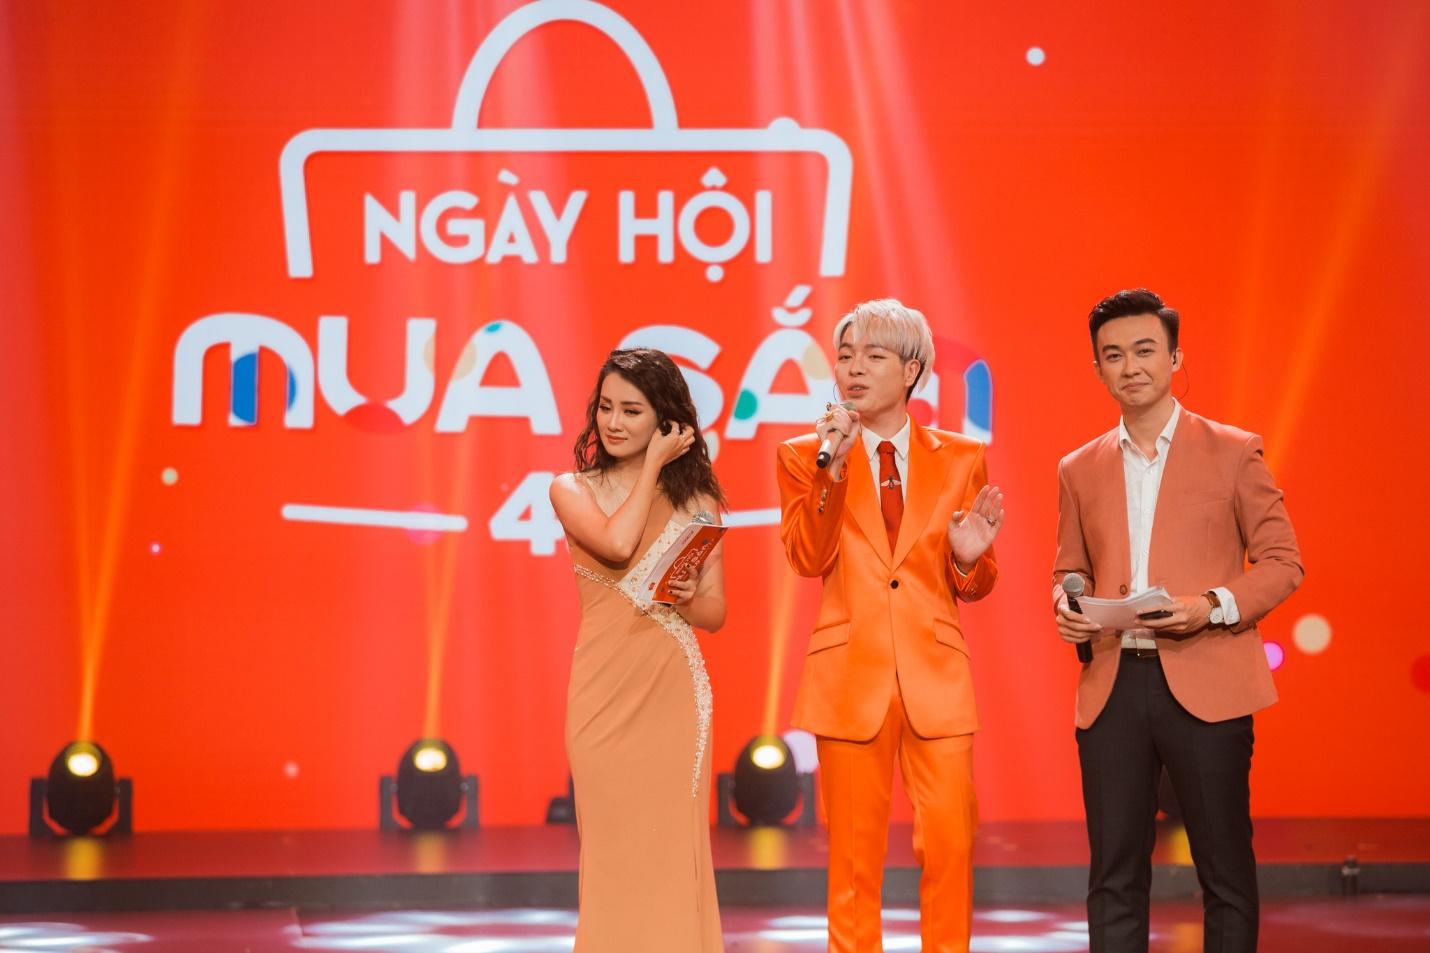 """Sơn Tùng MTP, Tóc Tiên, Bảo Anh, Đức Phúc """"cháy"""" hết mình tại Ngày hội mua sắm 4.0 - Ảnh 5."""